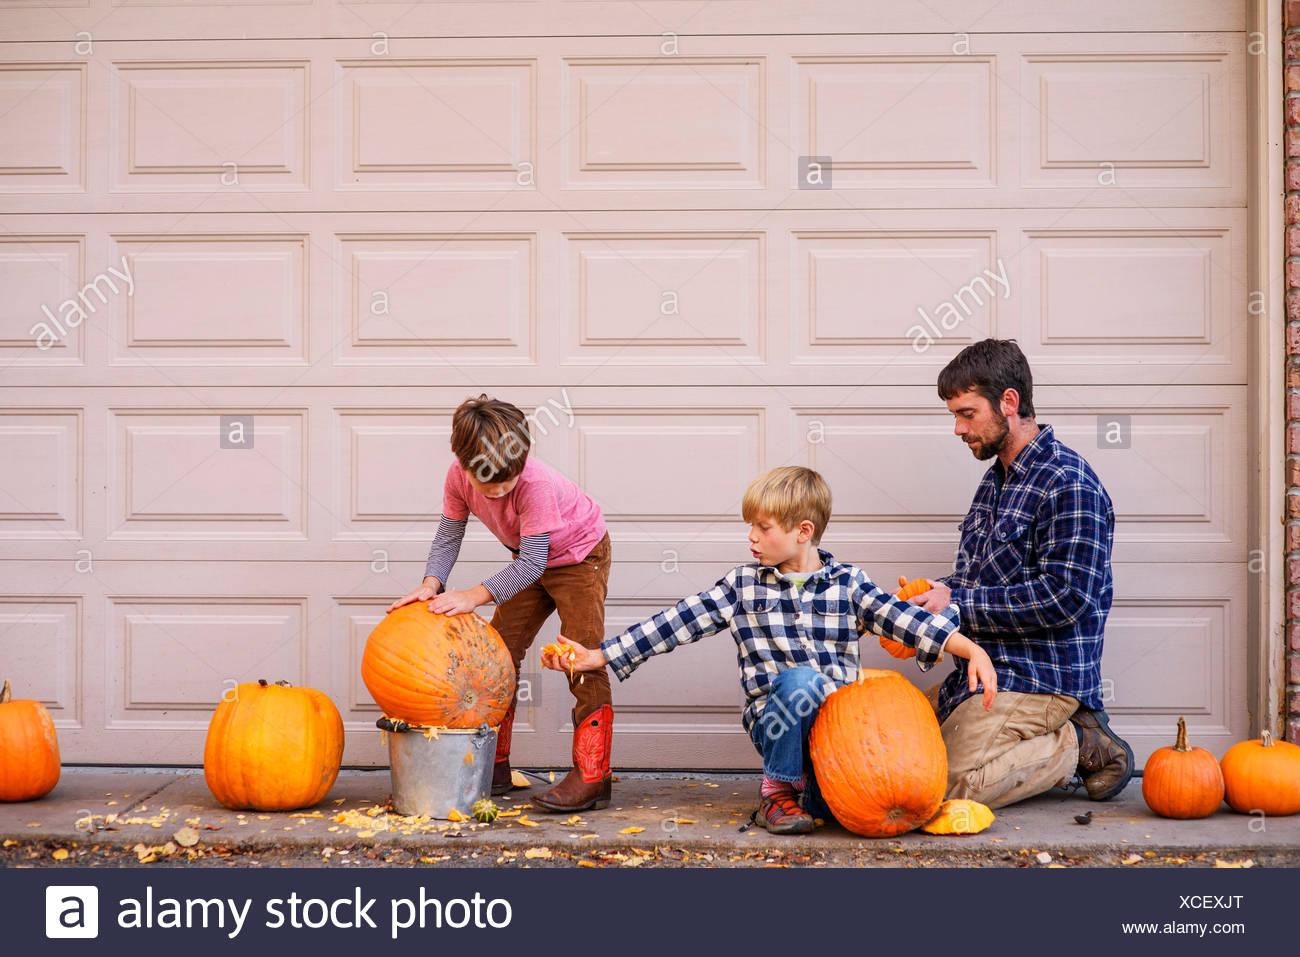 Zwei Jungs und ihr Vater schnitzen Halloween Kürbisse Stockfoto